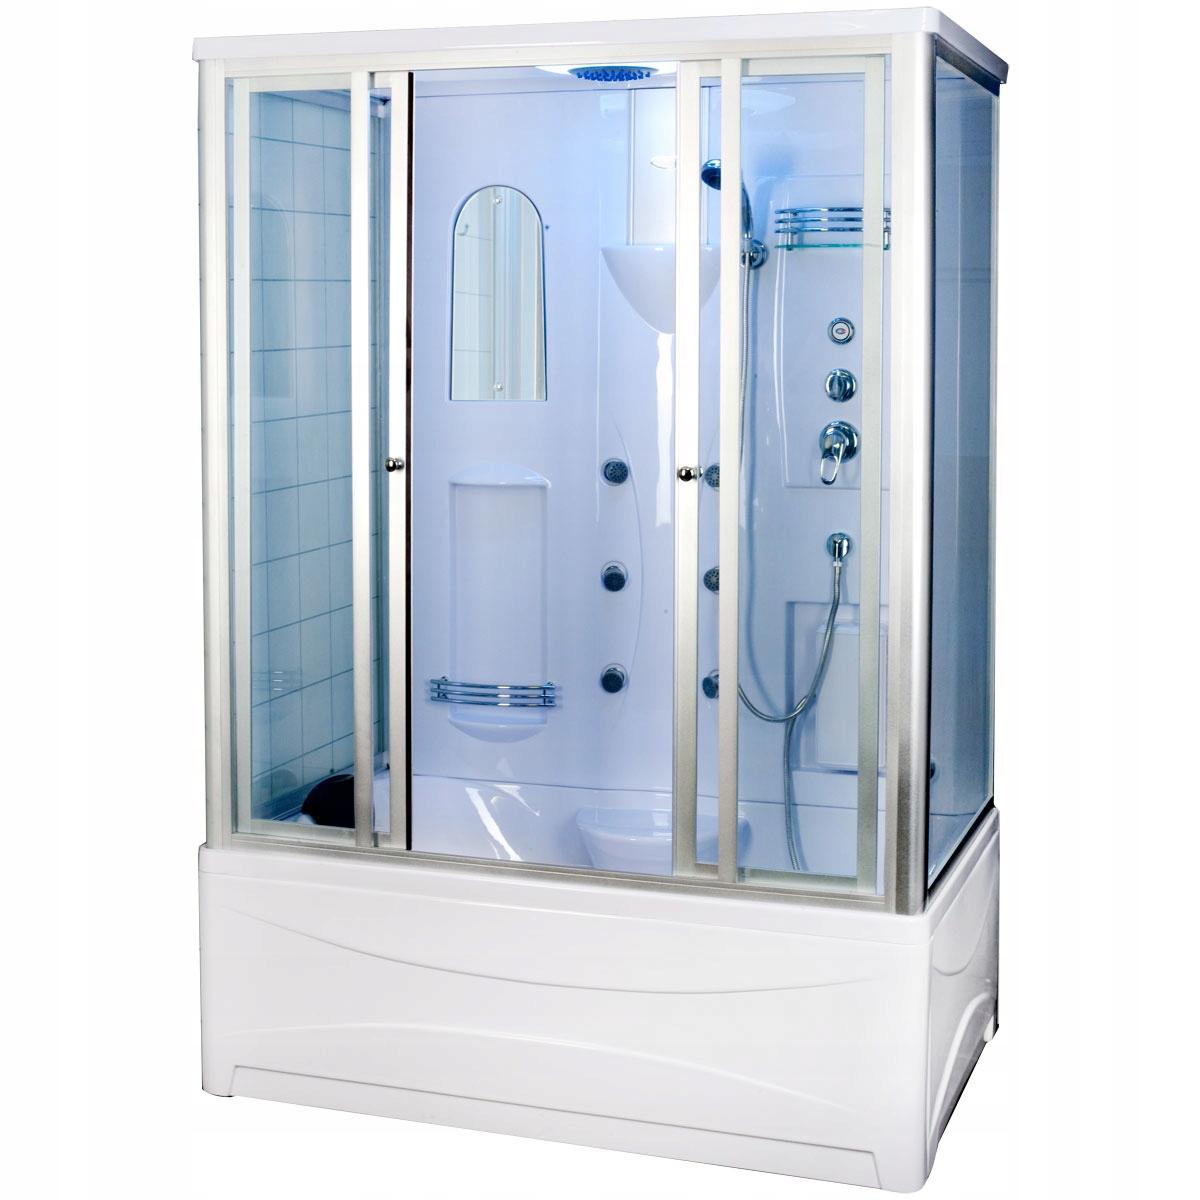 Hydromasážna sprchová kabína 5043 Duschy